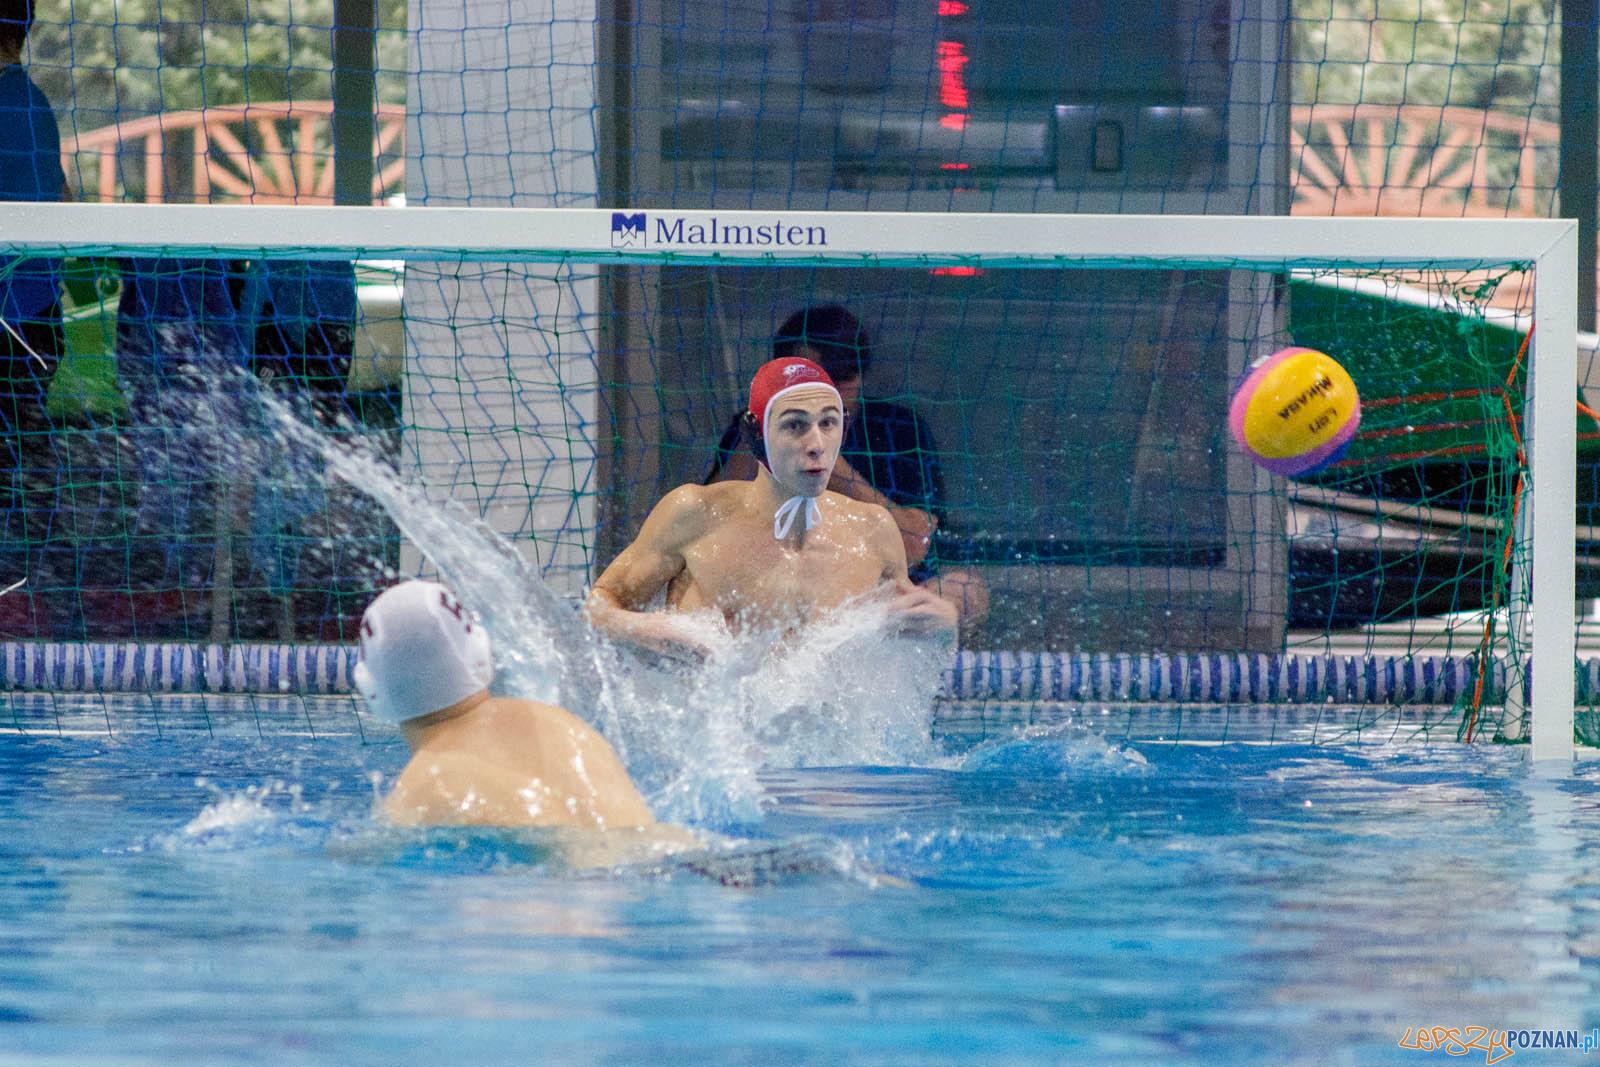 Malta Waterpolo Cup 2017  Foto: lepszyPOZNAN.pl / Ewelina Jaskowiak